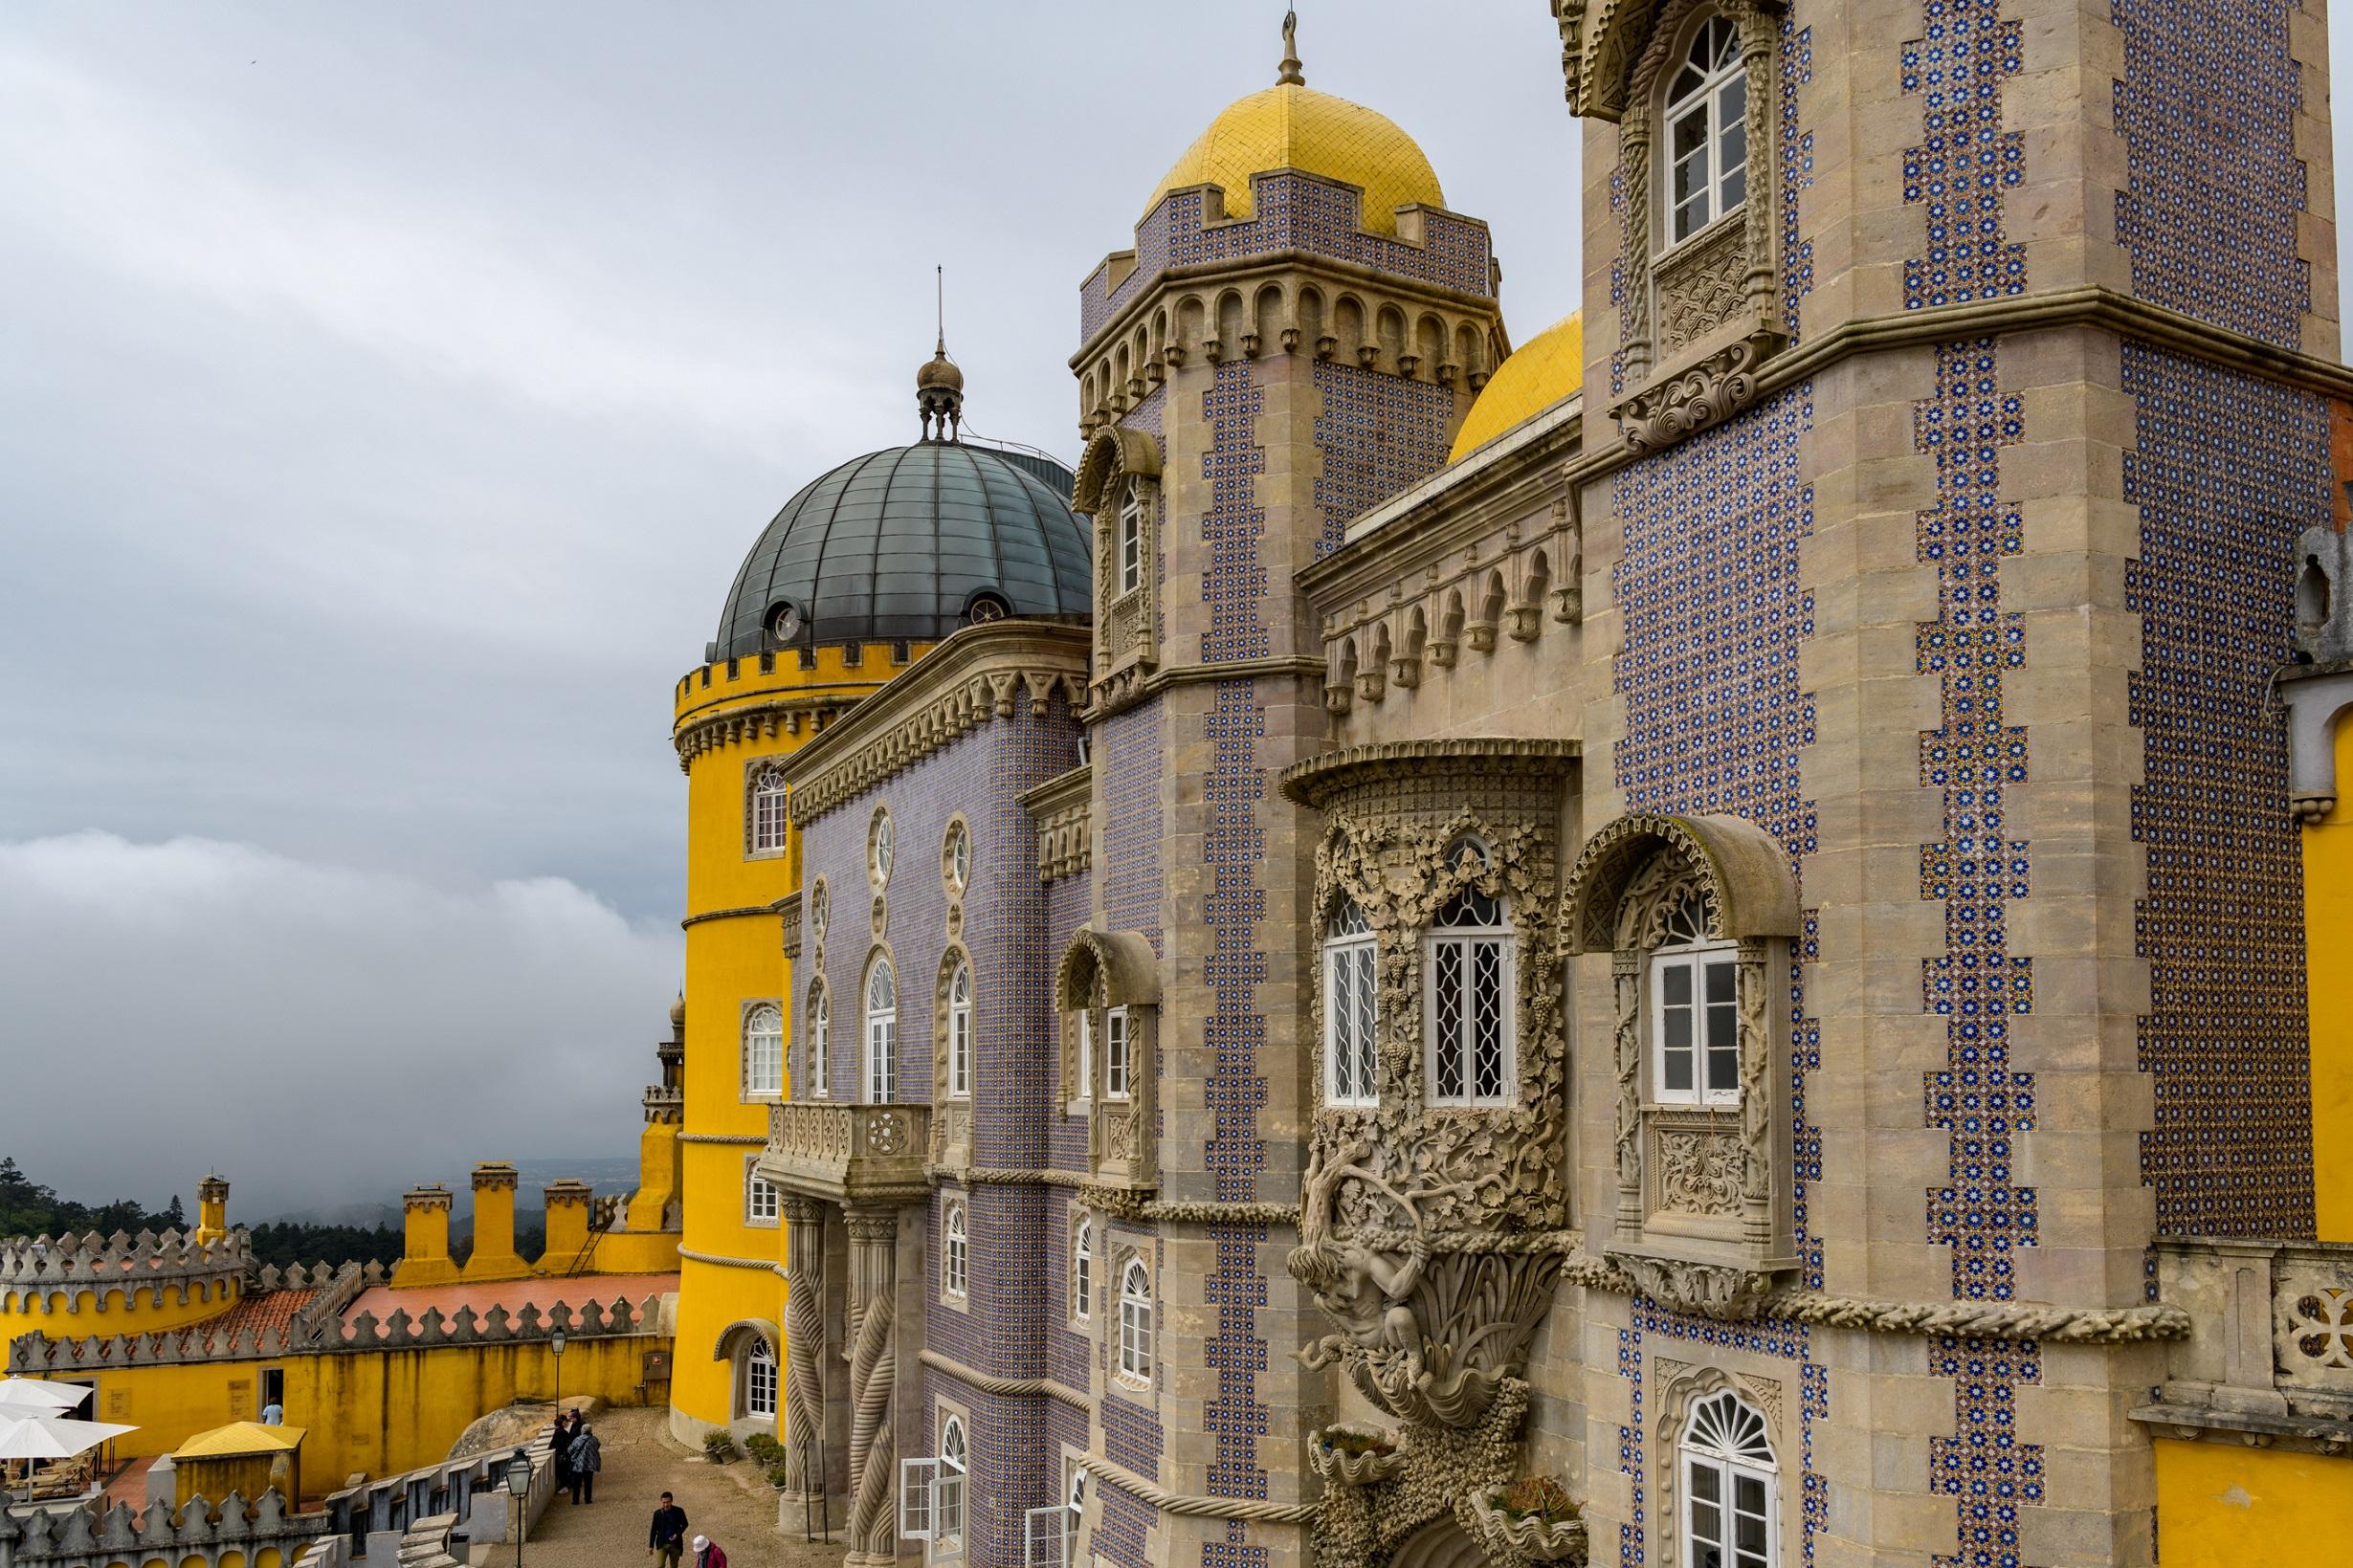 Palais National de Pena, Sintra, Portugal